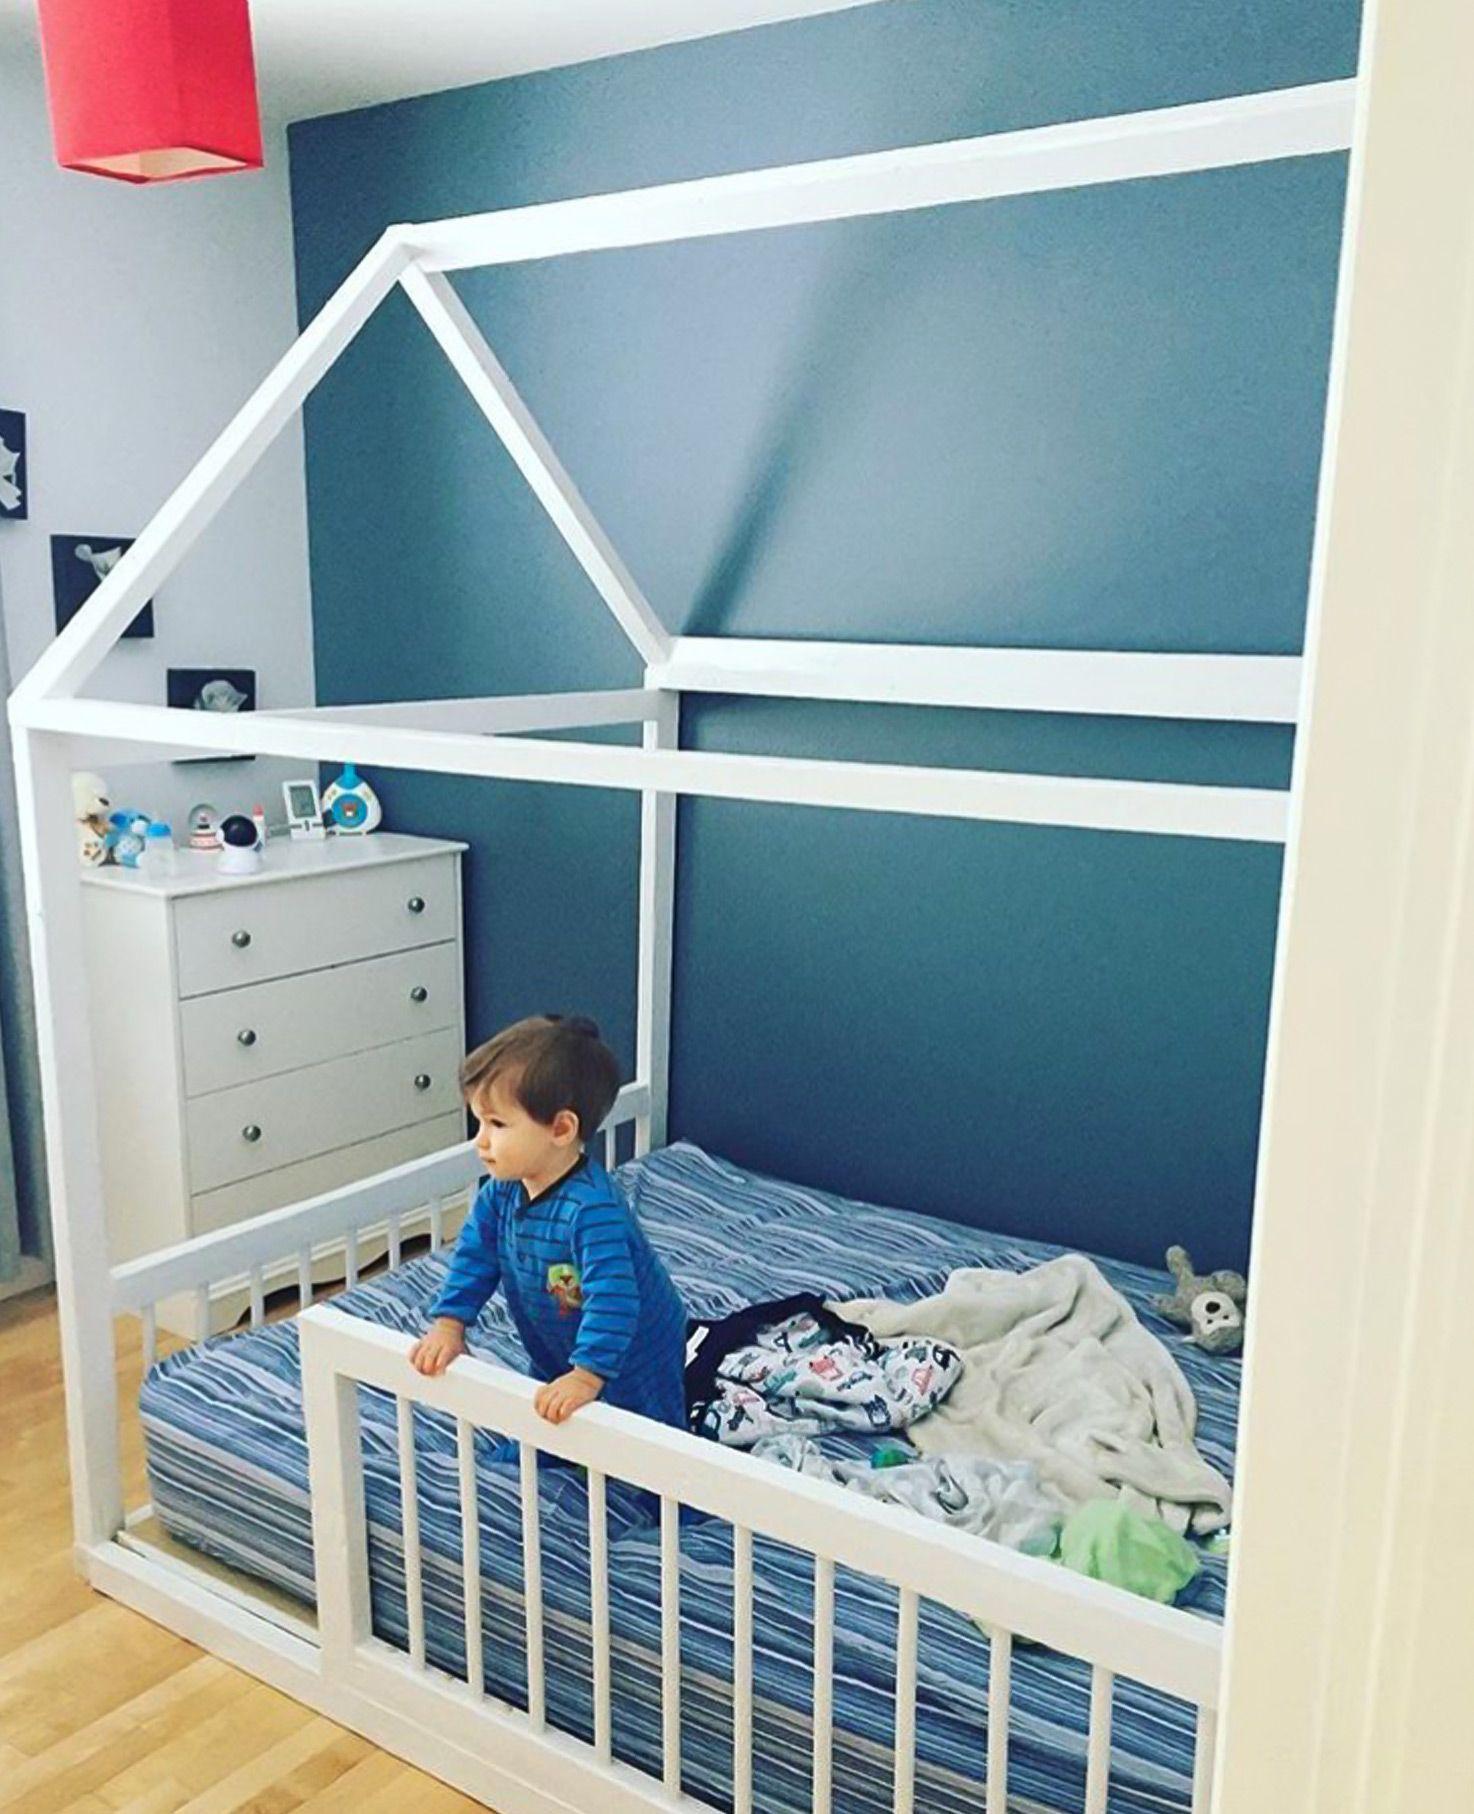 Comment Faire Un Lit Soi Meme comment faire soi-même son lit montessori pour bébé | diy